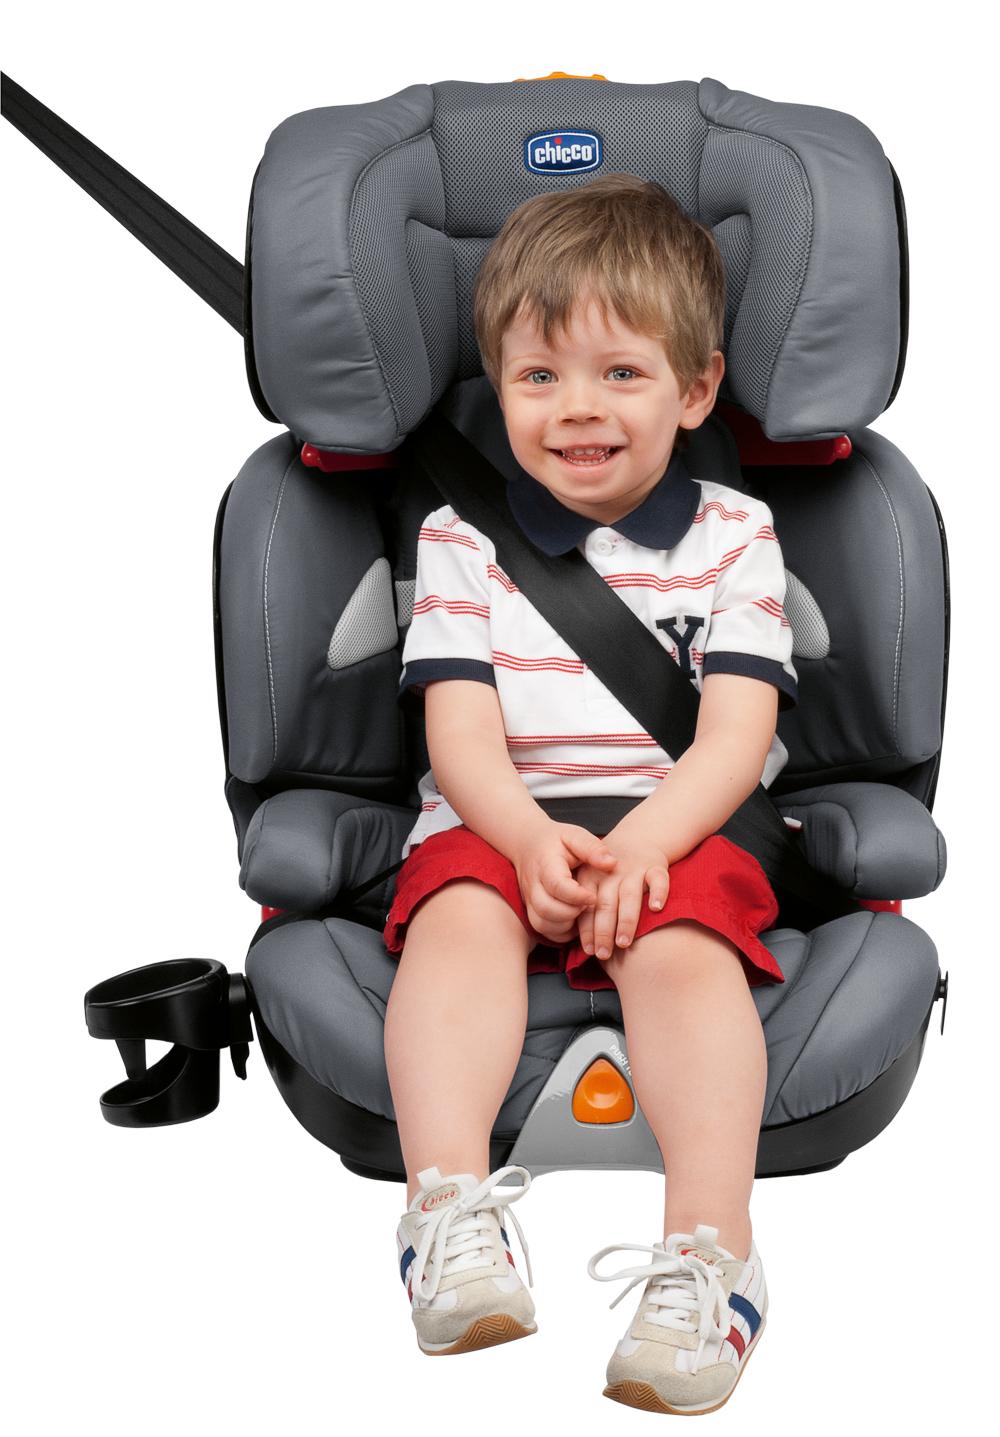 Începând cu 28 septembrie, automobiliştii care transportă copii sunt obligaţi să aibă scaune speciale pentru aceştia